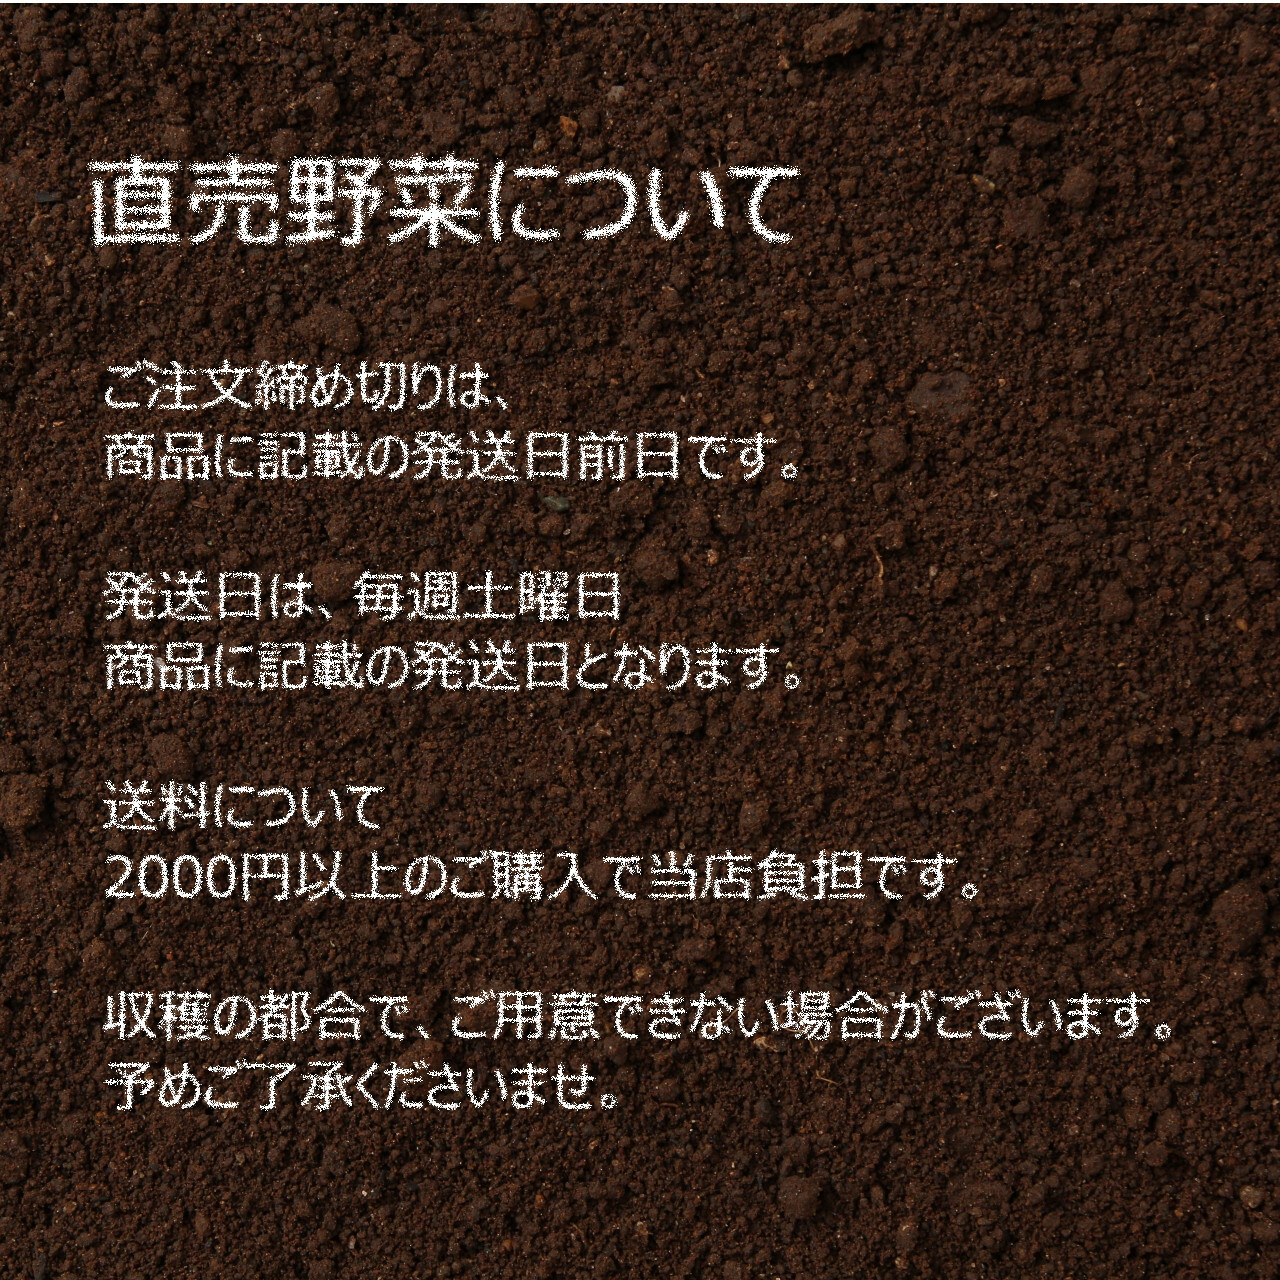 朝採り直売野菜: : キュウリ 3~4本  7月の新鮮夏野菜 7月27日発送予定